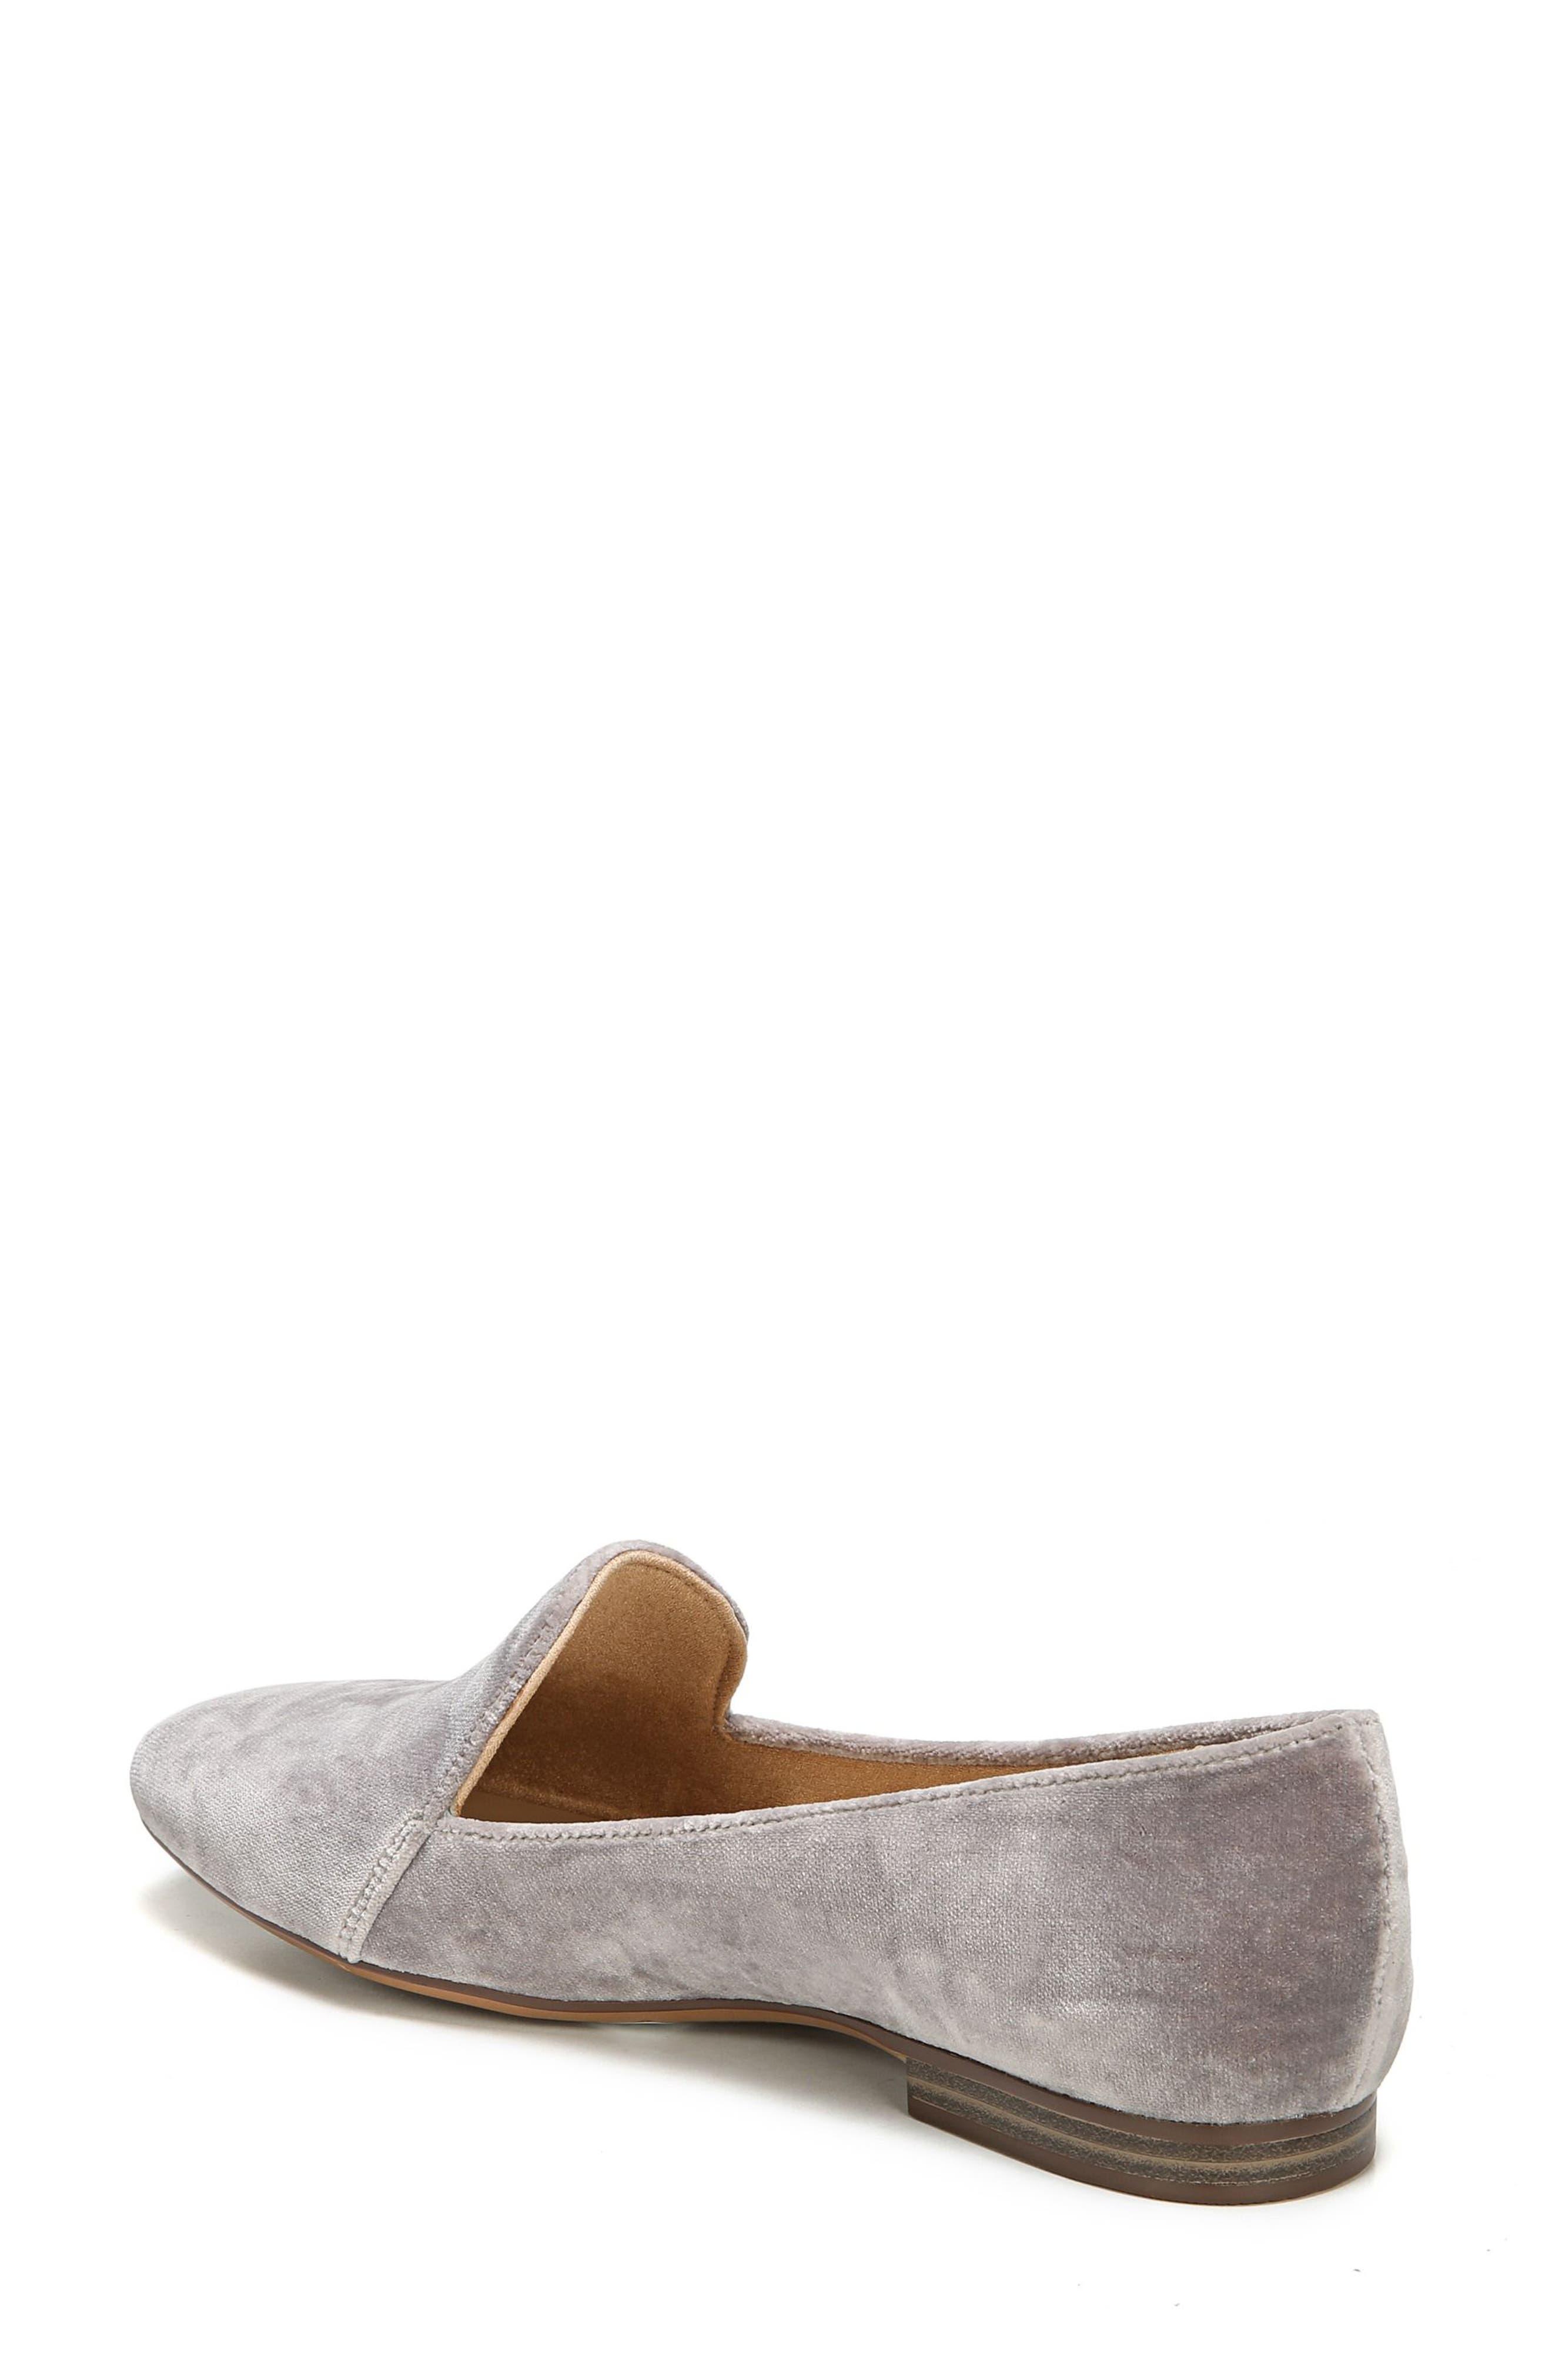 Emiline Flat Loafer,                             Alternate thumbnail 2, color,                             Taupe Velvet Fabric